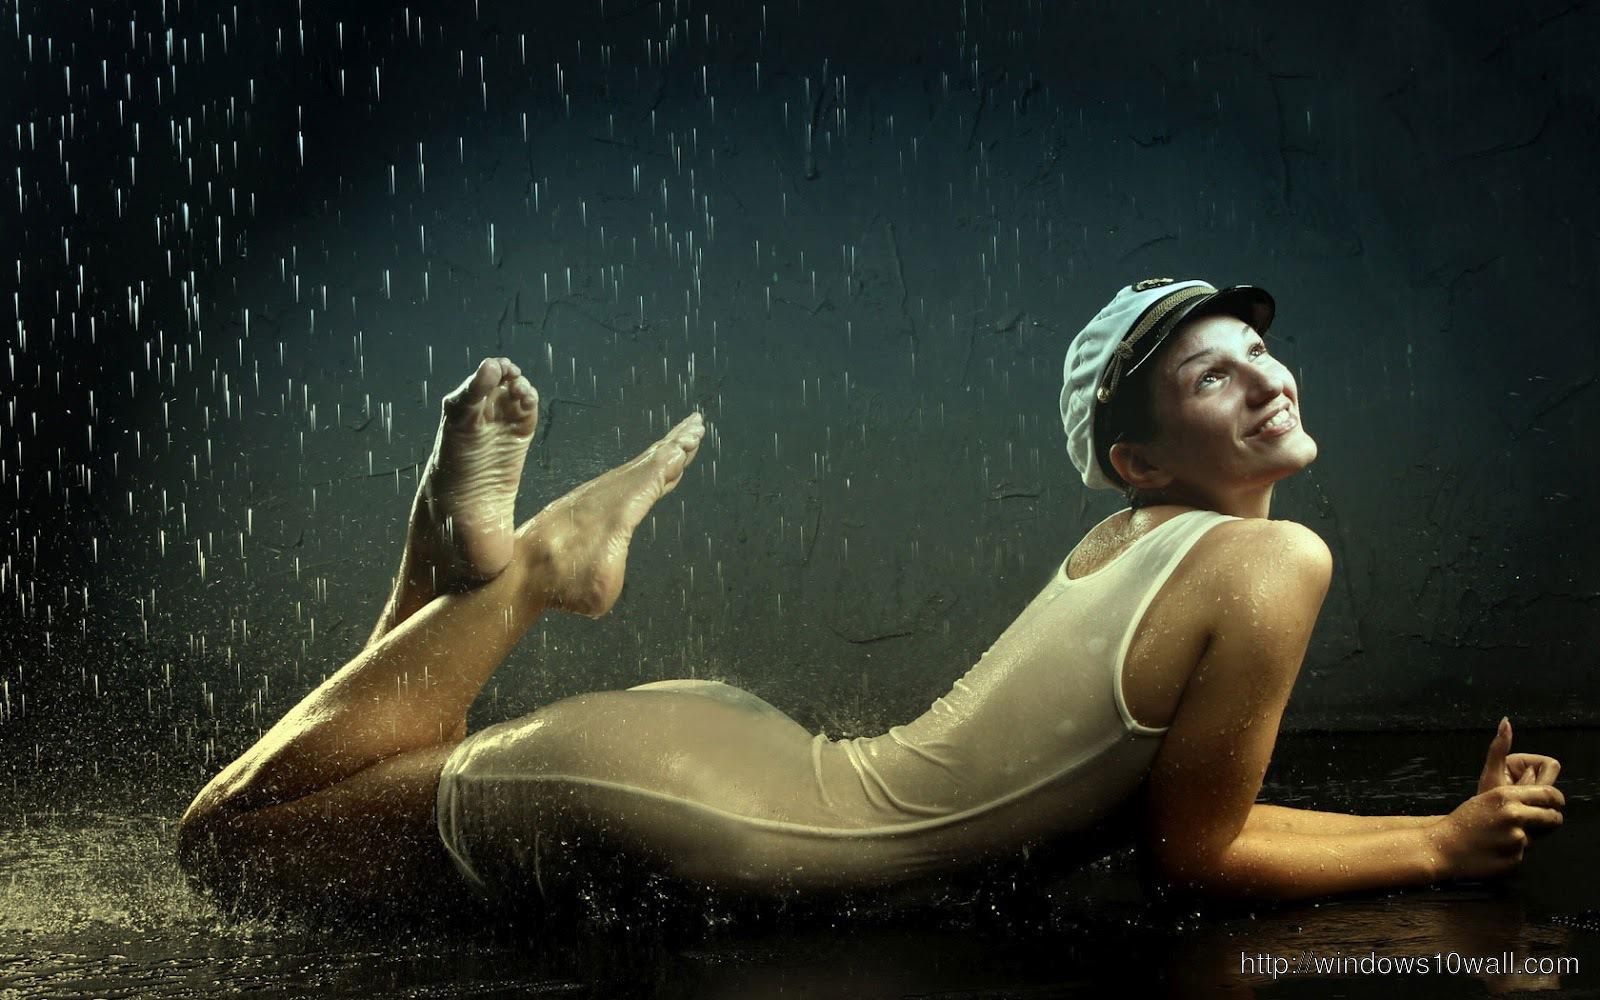 Rain-Smile-Girl-Wallpaper